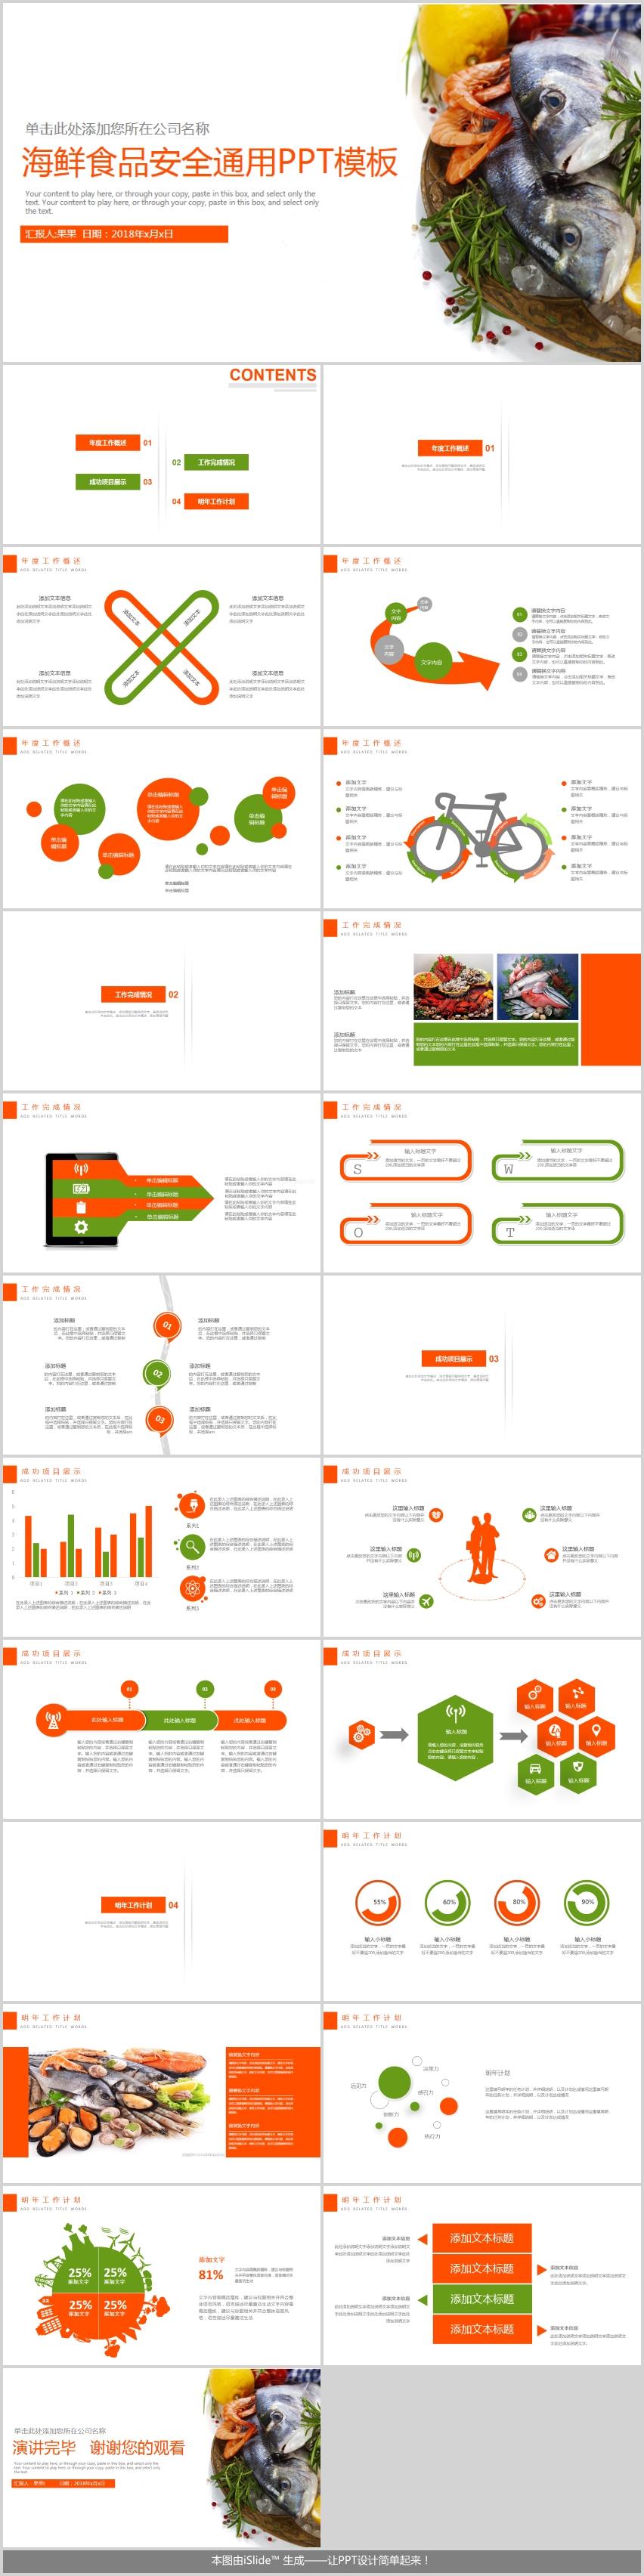 食品安全工作总结ppt瘦腿模板科学好方法图片